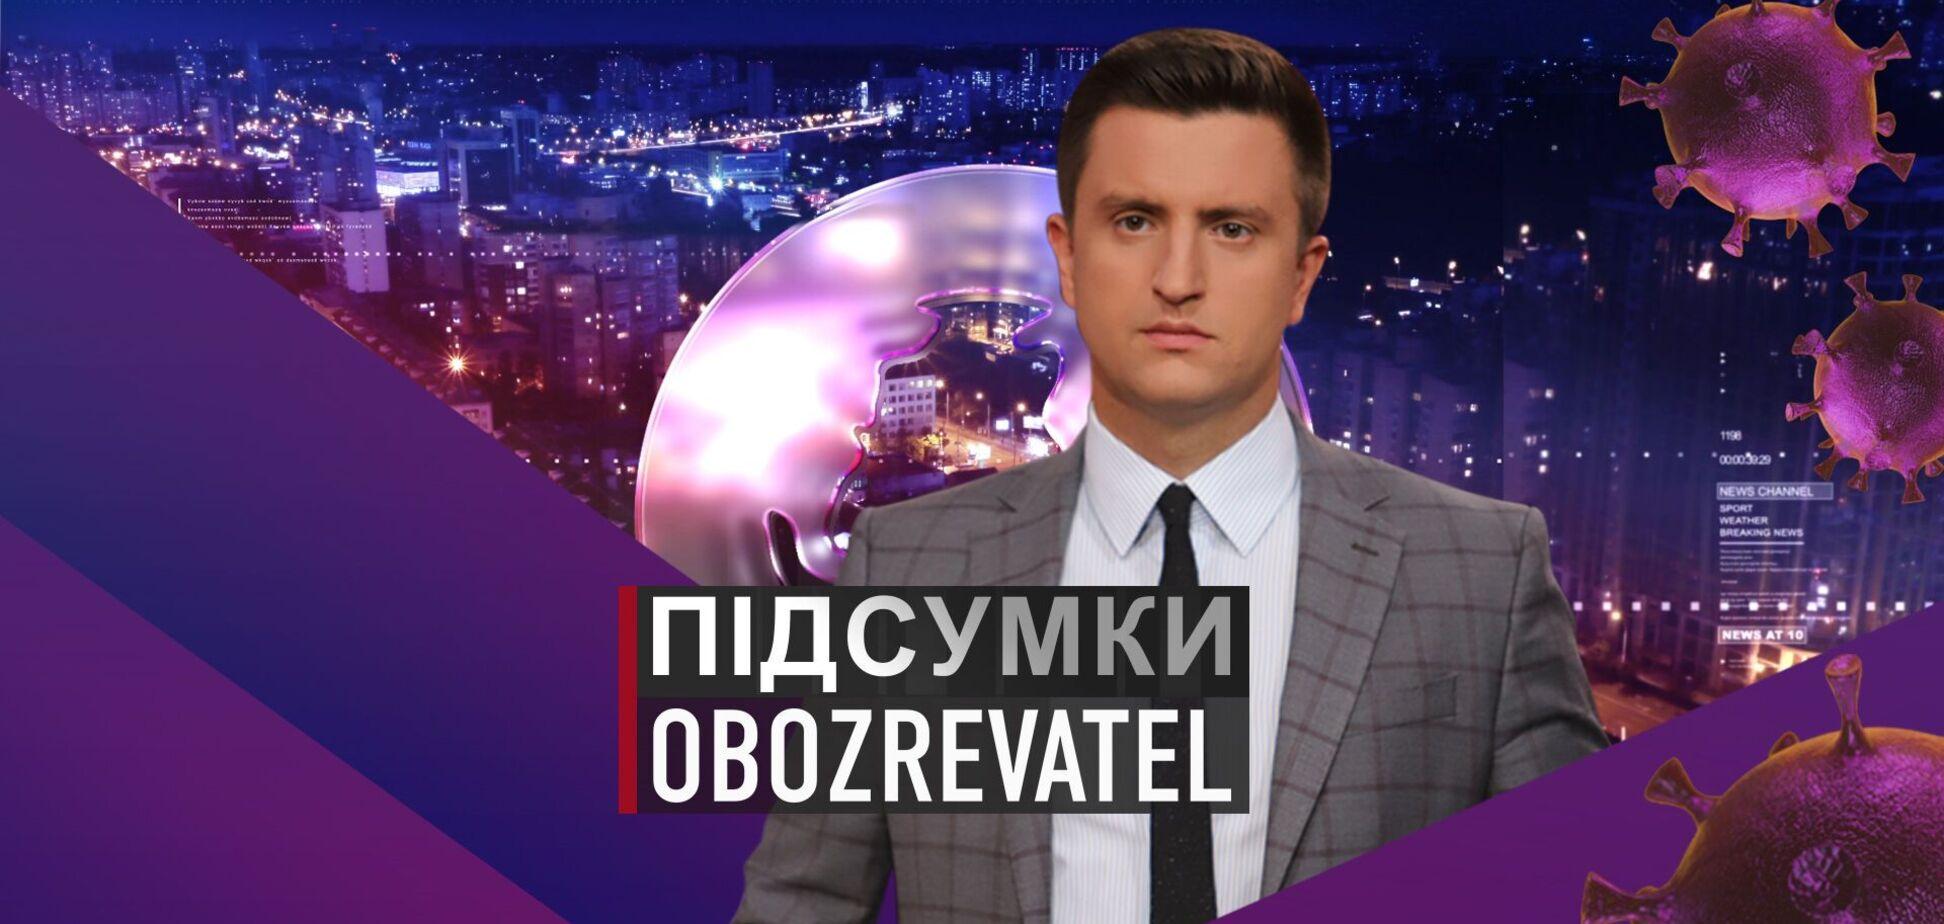 Підсумки з Вадимом Колодійчуком. Середа, 19 травня